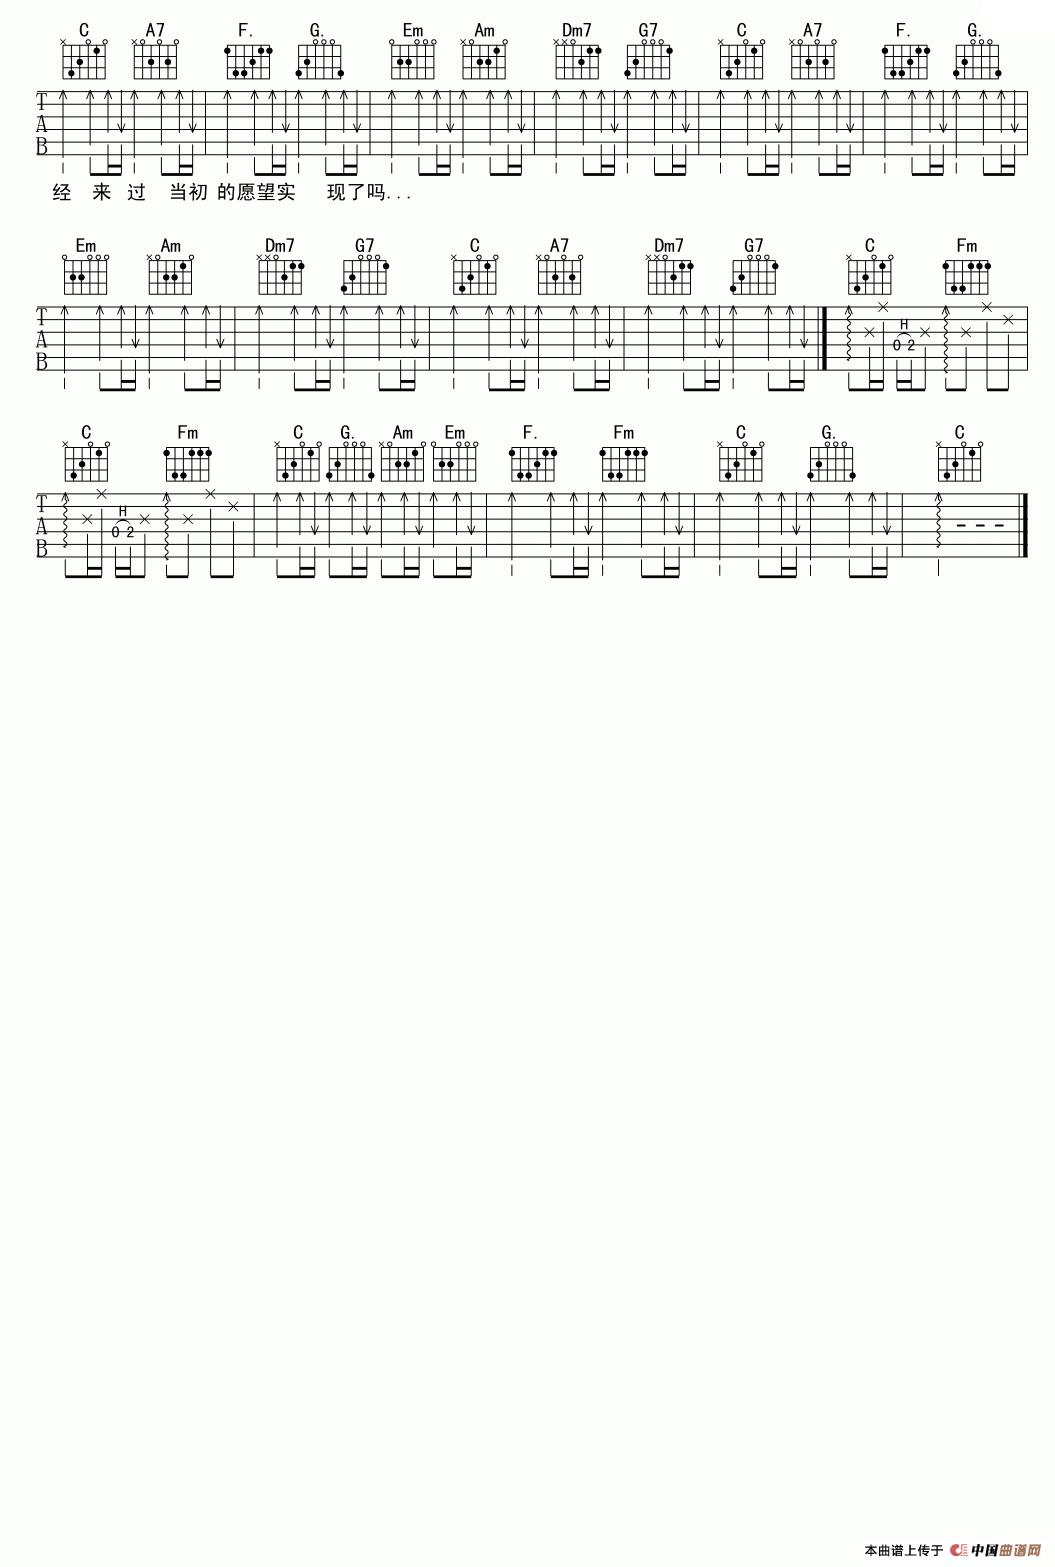 老男孩吉他简谱 老男孩吉他谱原版 老男孩吉他曲谱 歌谱网